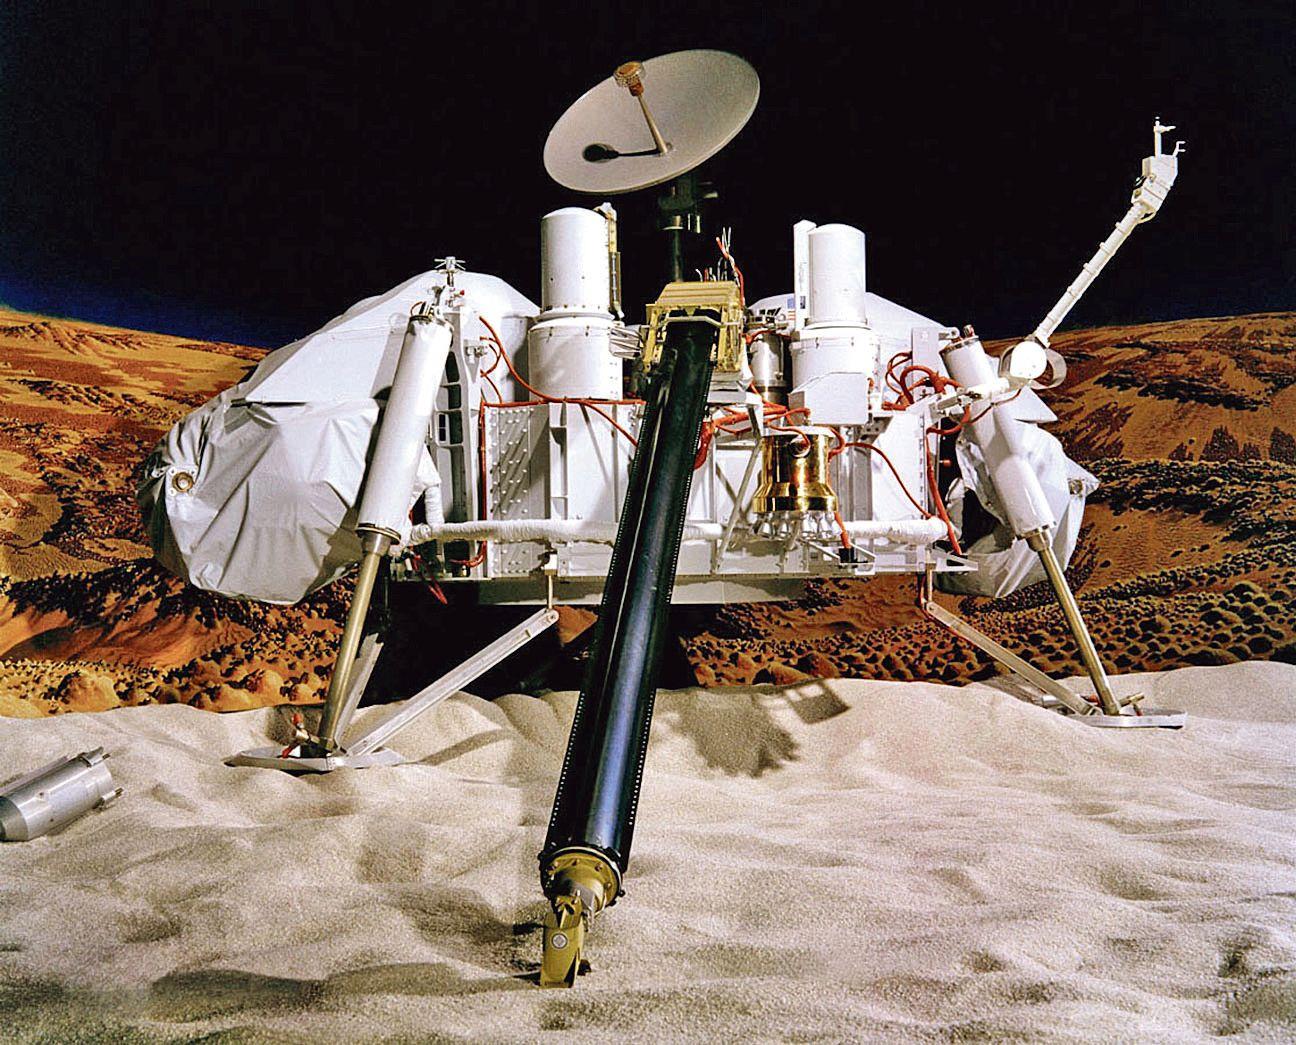 La Nasa a-t-elle trouvé de la vie sur Mars?